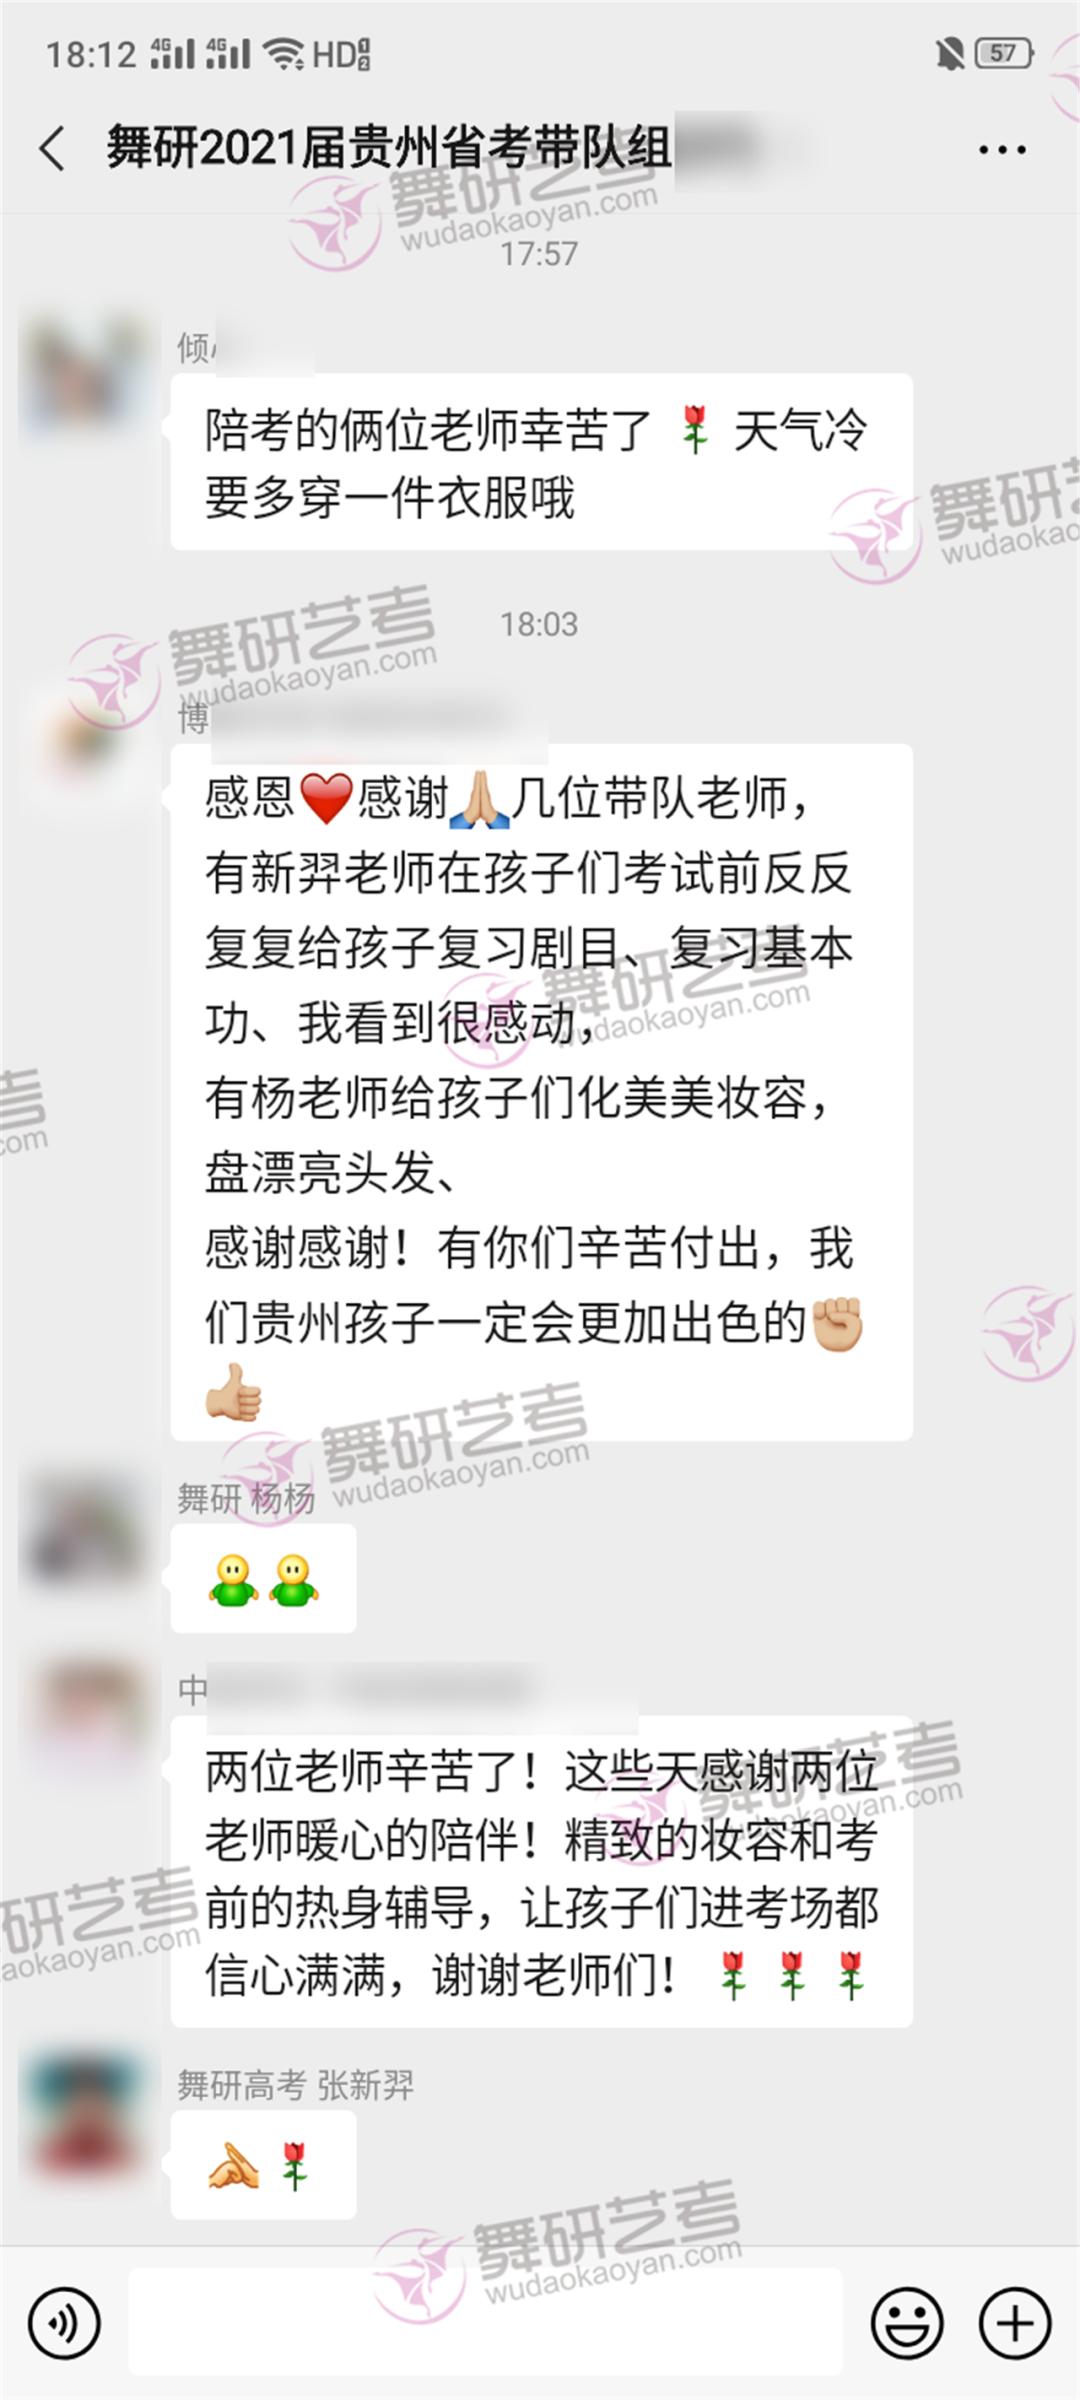 2022届中国舞男生省考冲刺营 丨抓紧时间来舞研,提升你的硬实力!省考高分,你的艺考才有保障!